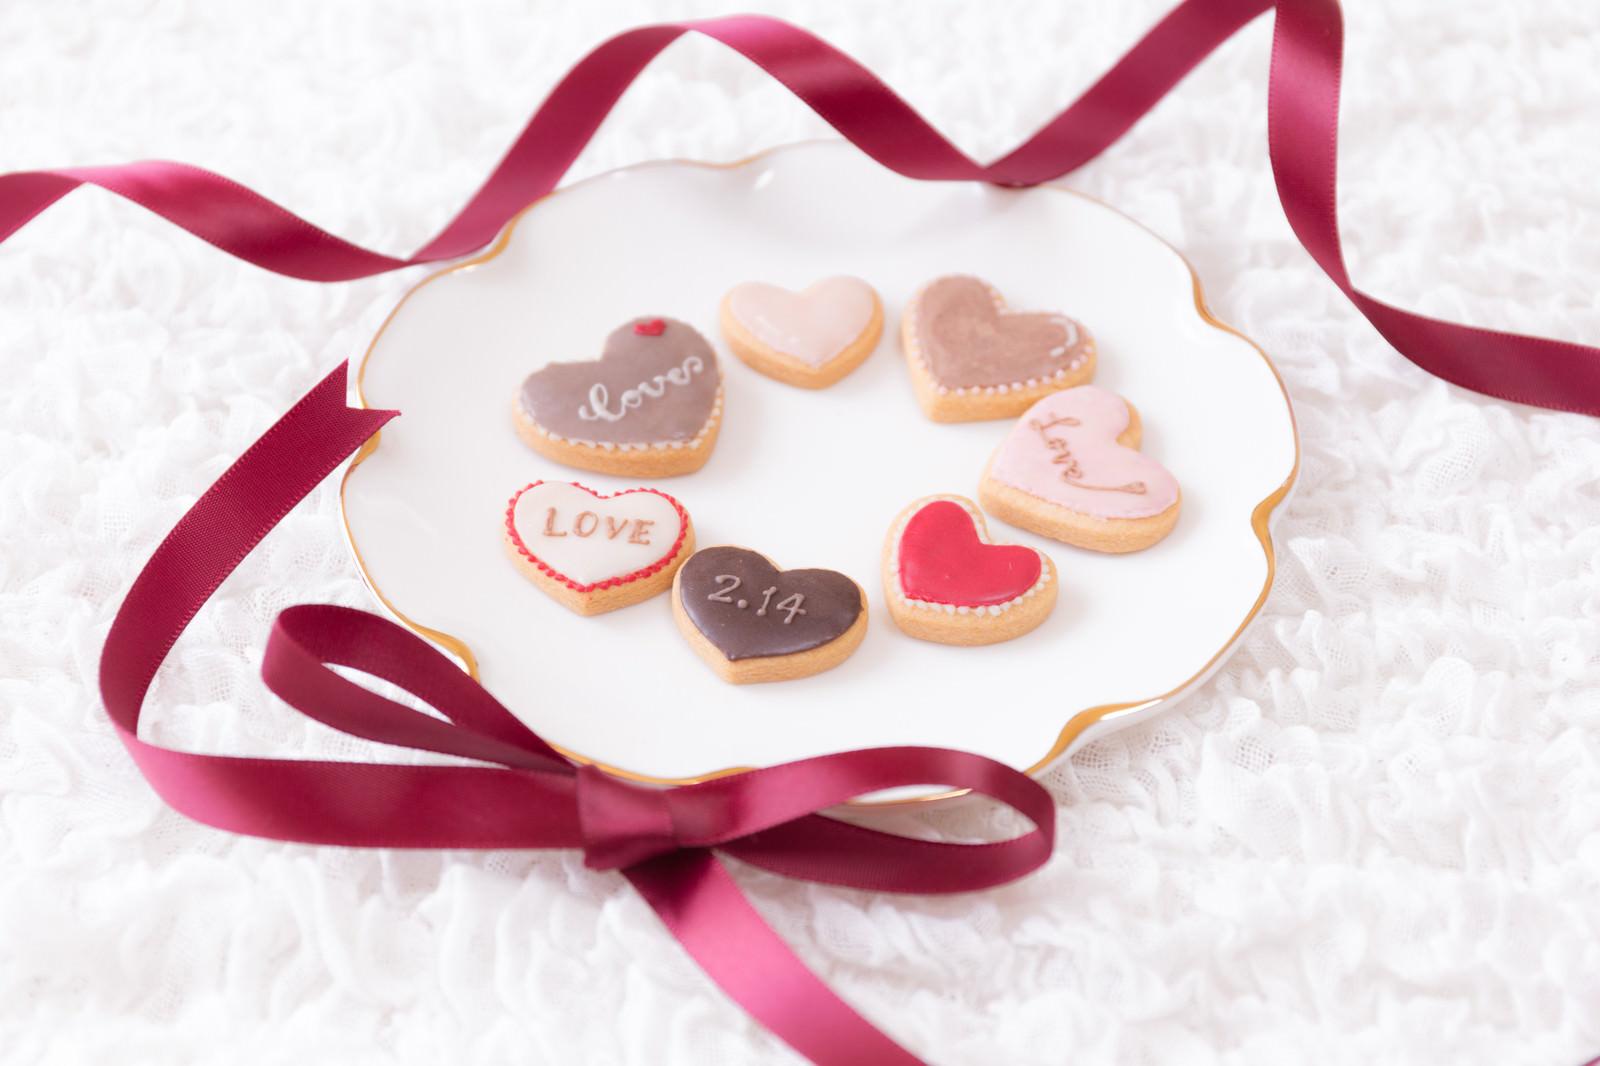 皿に並べた義理クッキー(バレンタイン)のフリー素材